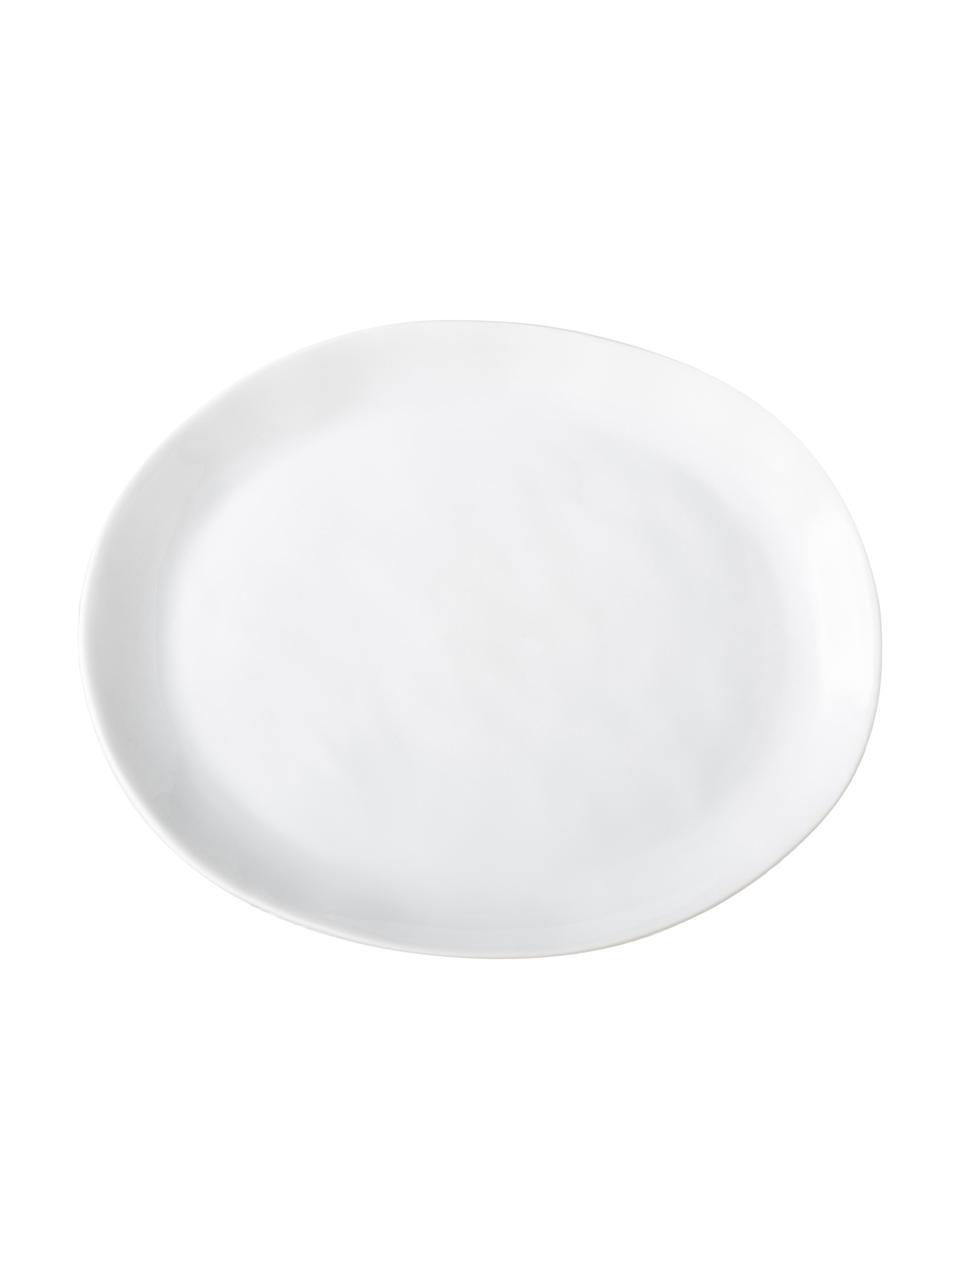 Assiettes à dessert ovale à surface inégale Porcelino, 4pièces, Blanc